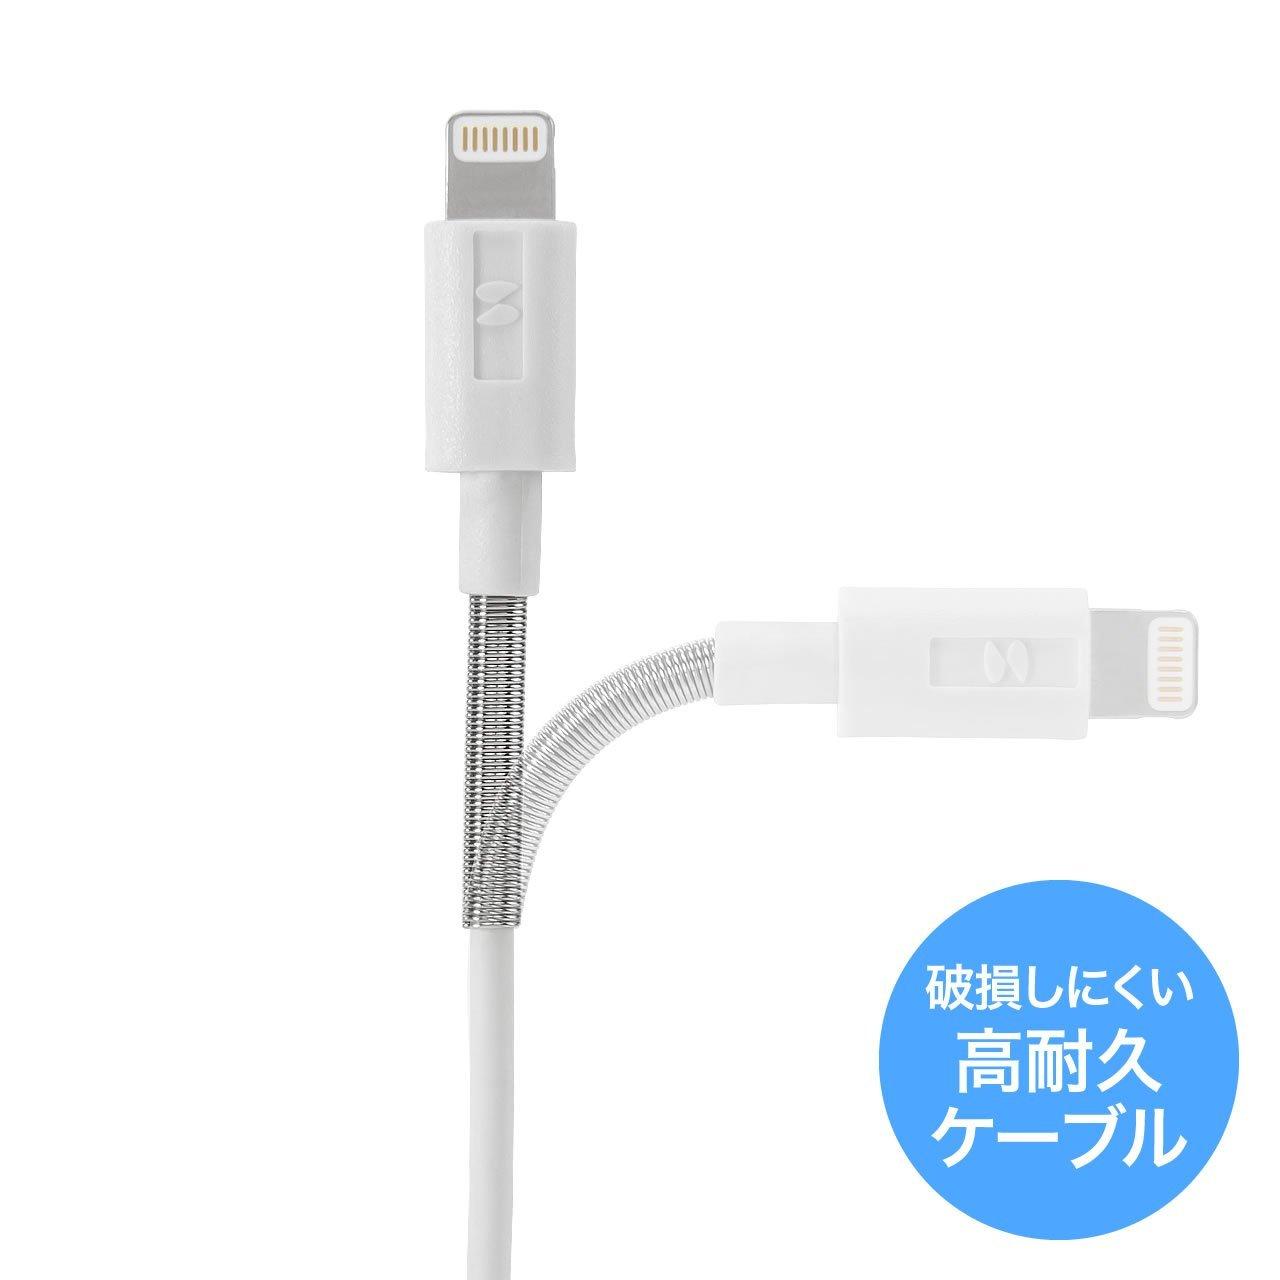 【Amazon限定】 サンワダイレクト 高耐久 ライトニングケーブル